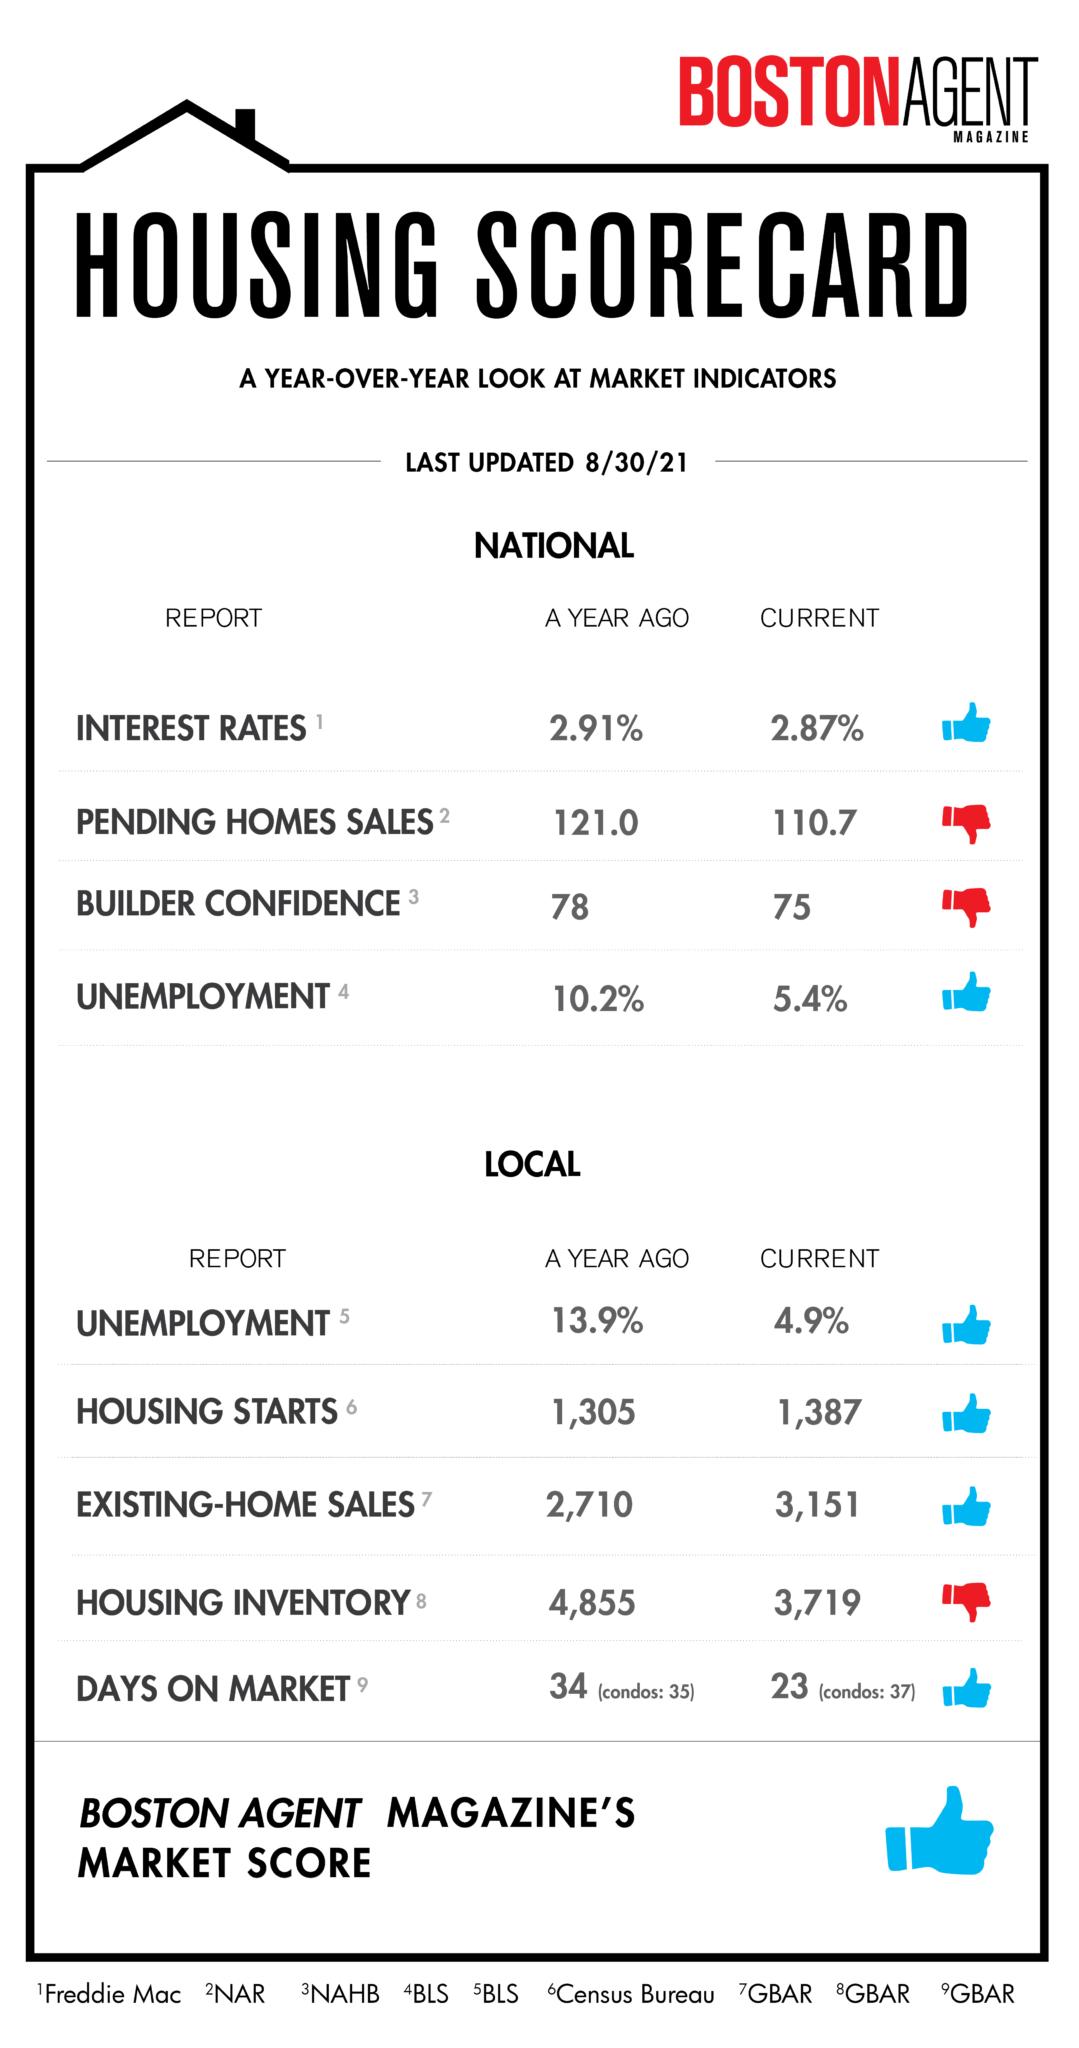 housing scorecard bos 01 scaled